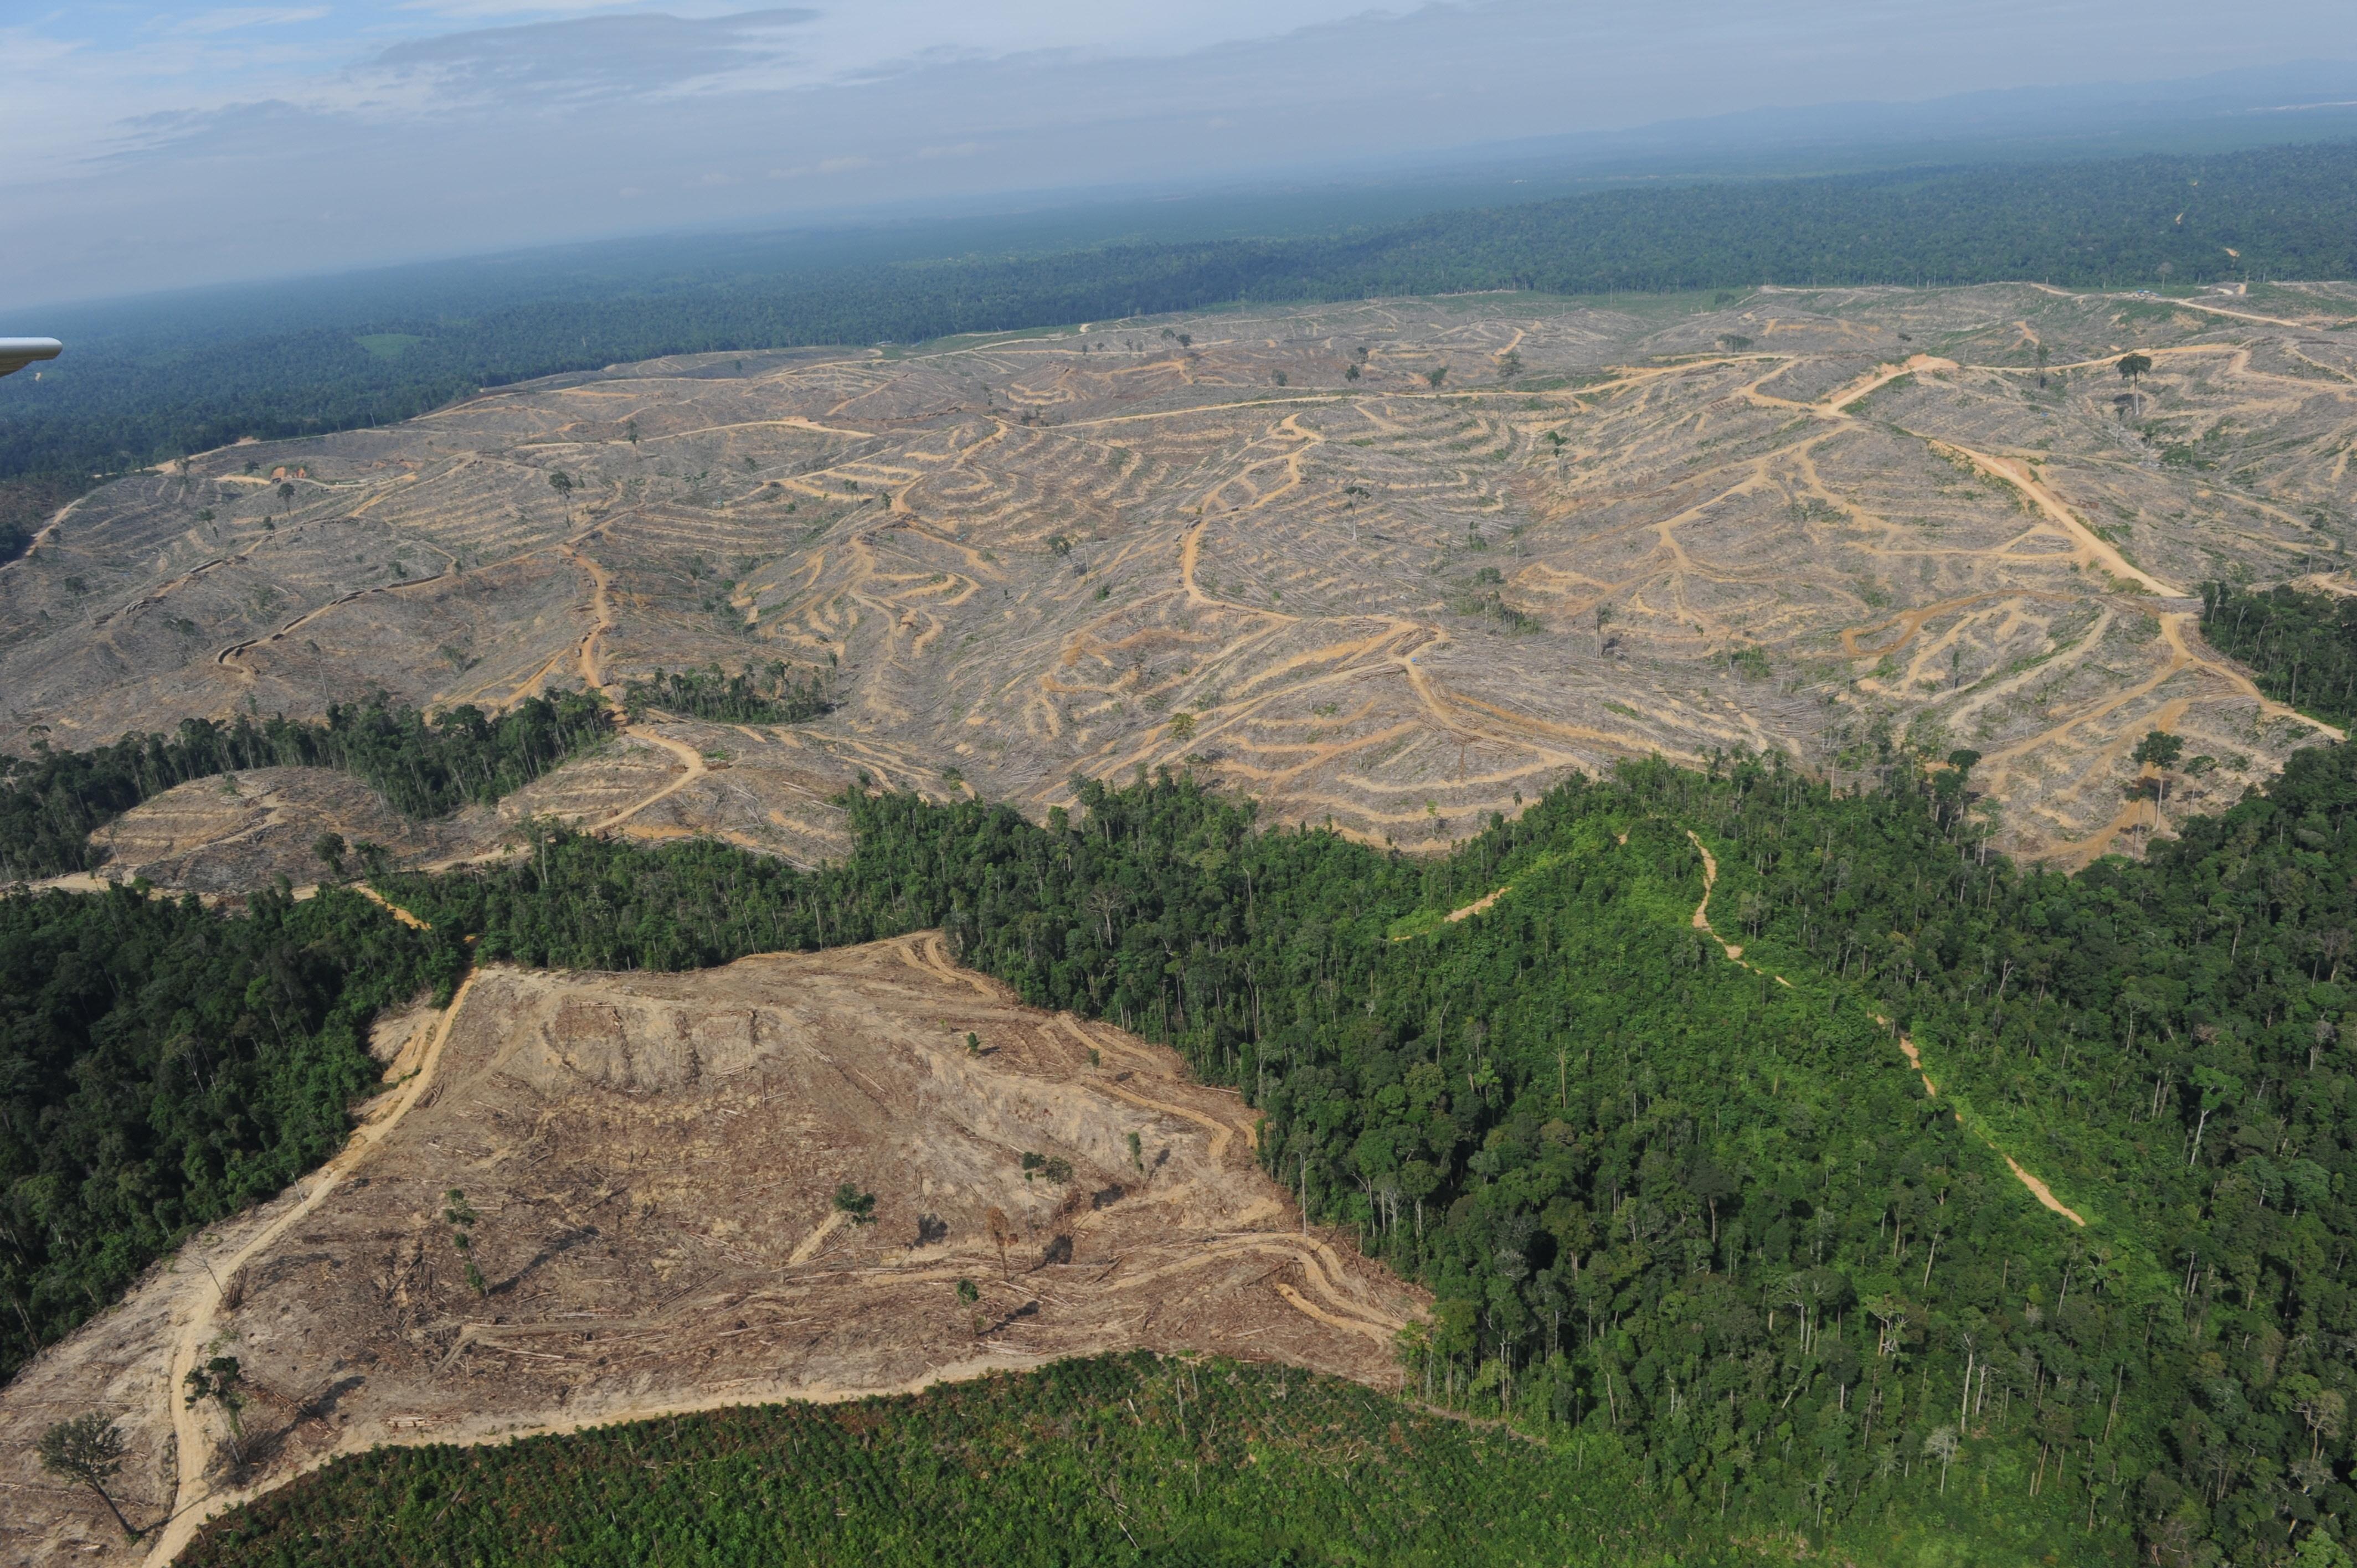 Revelan las 500 empresas responsables del 70% de la deforestación mundial